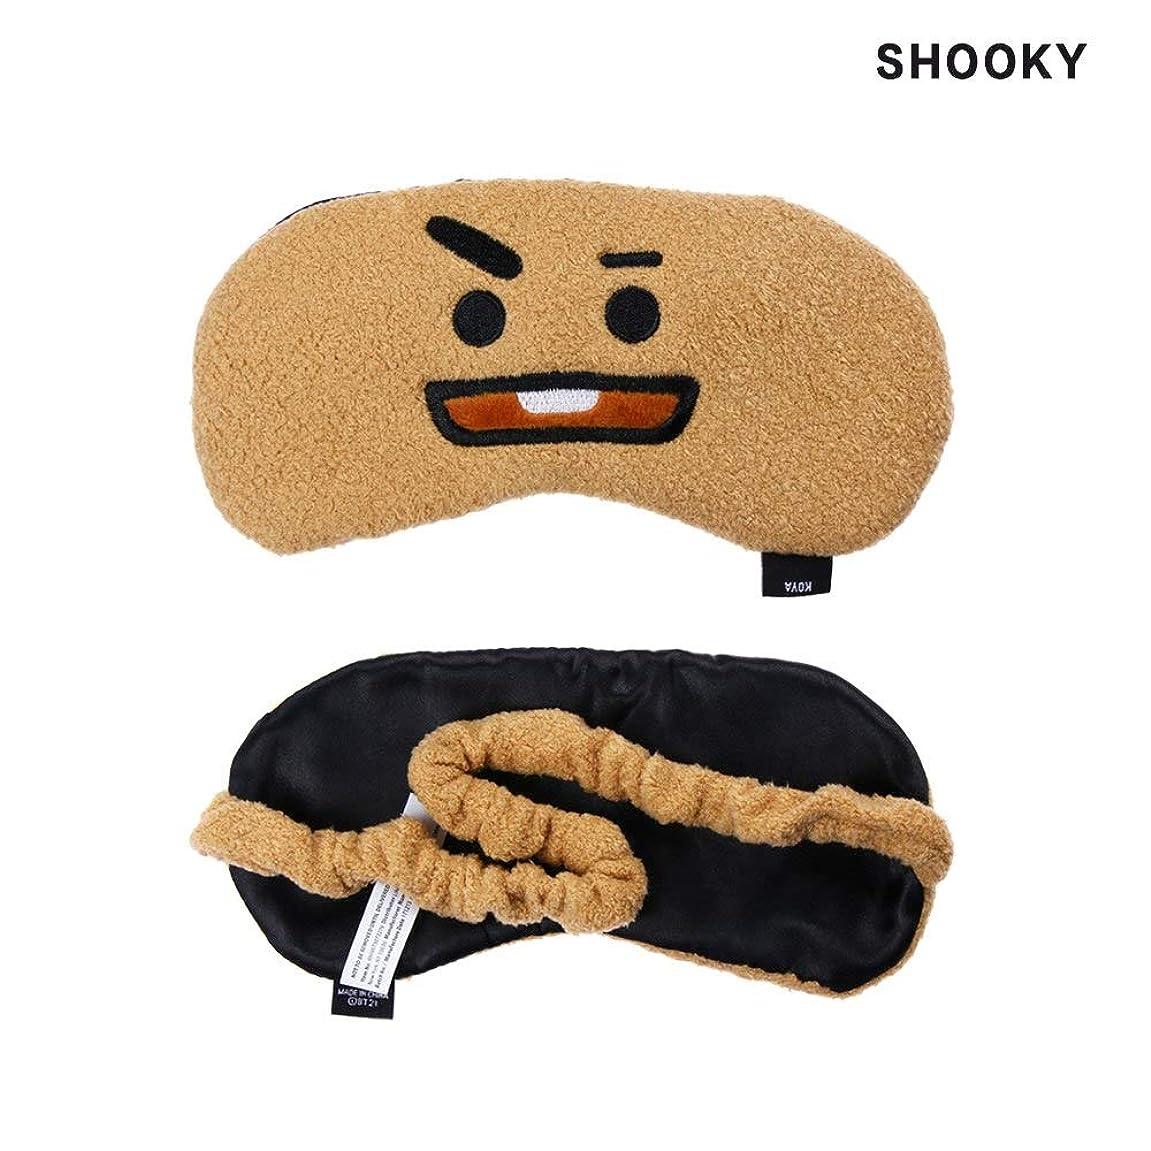 効能あるテンポビートNOTEかわいいアイマスクK-POP BTSバンタンボーイズレストスリープマスクBT21スガタタチミーRJクッキーアイシェードアイマスクパッチ睡眠ケアツール